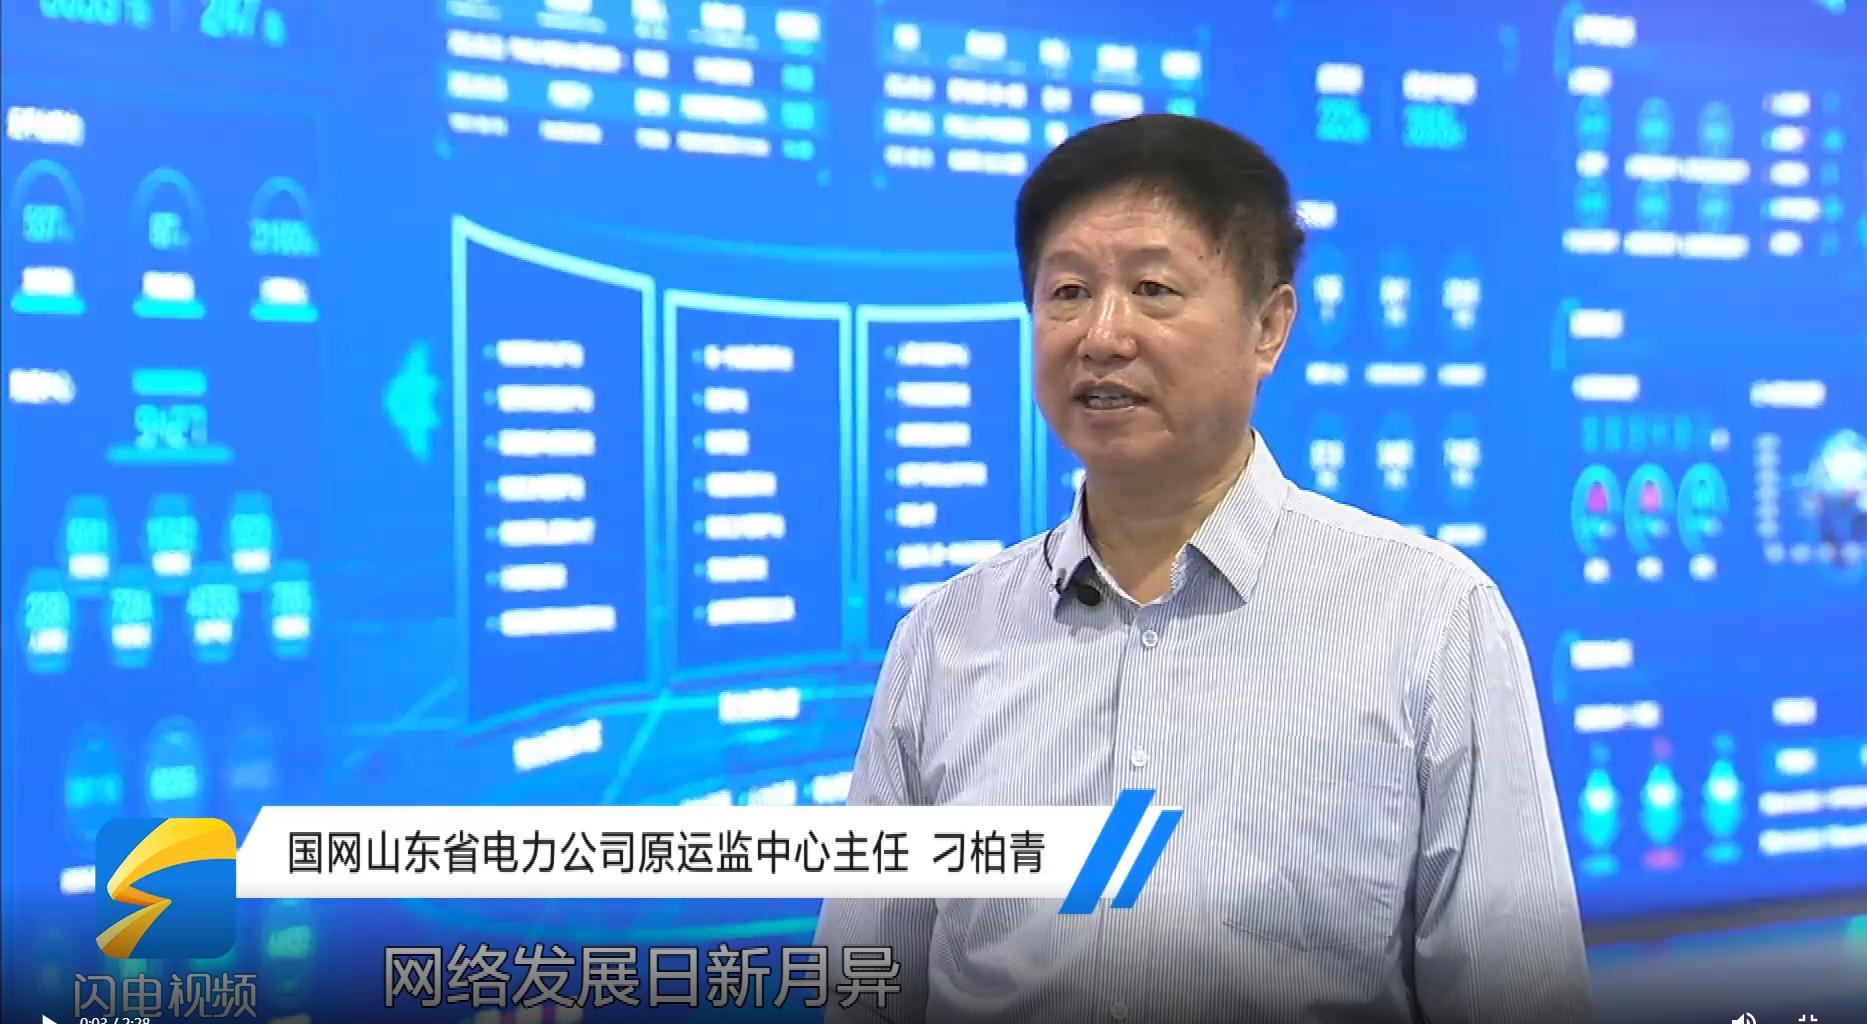 刁柏青:练就过硬防护本领 构筑网络安全坚固长城